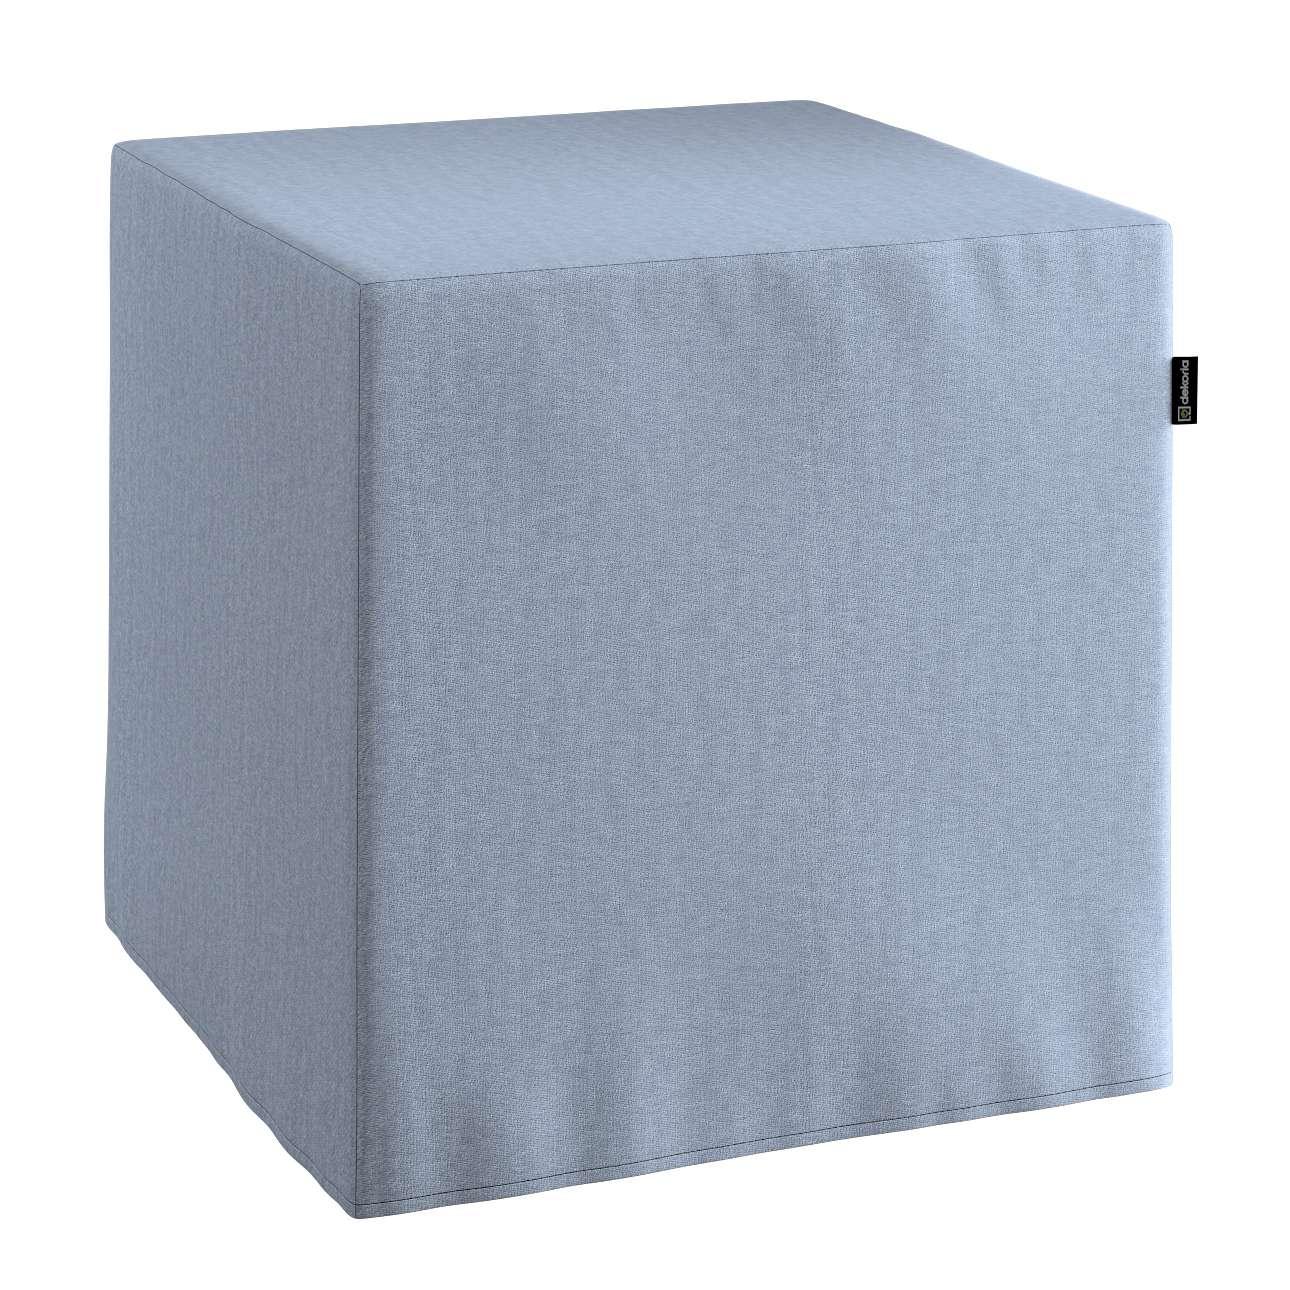 Bezug für Sitzwürfel Bezug für Sitzwürfel 40x40x40 cm von der Kollektion Chenille , Stoff: 702-13